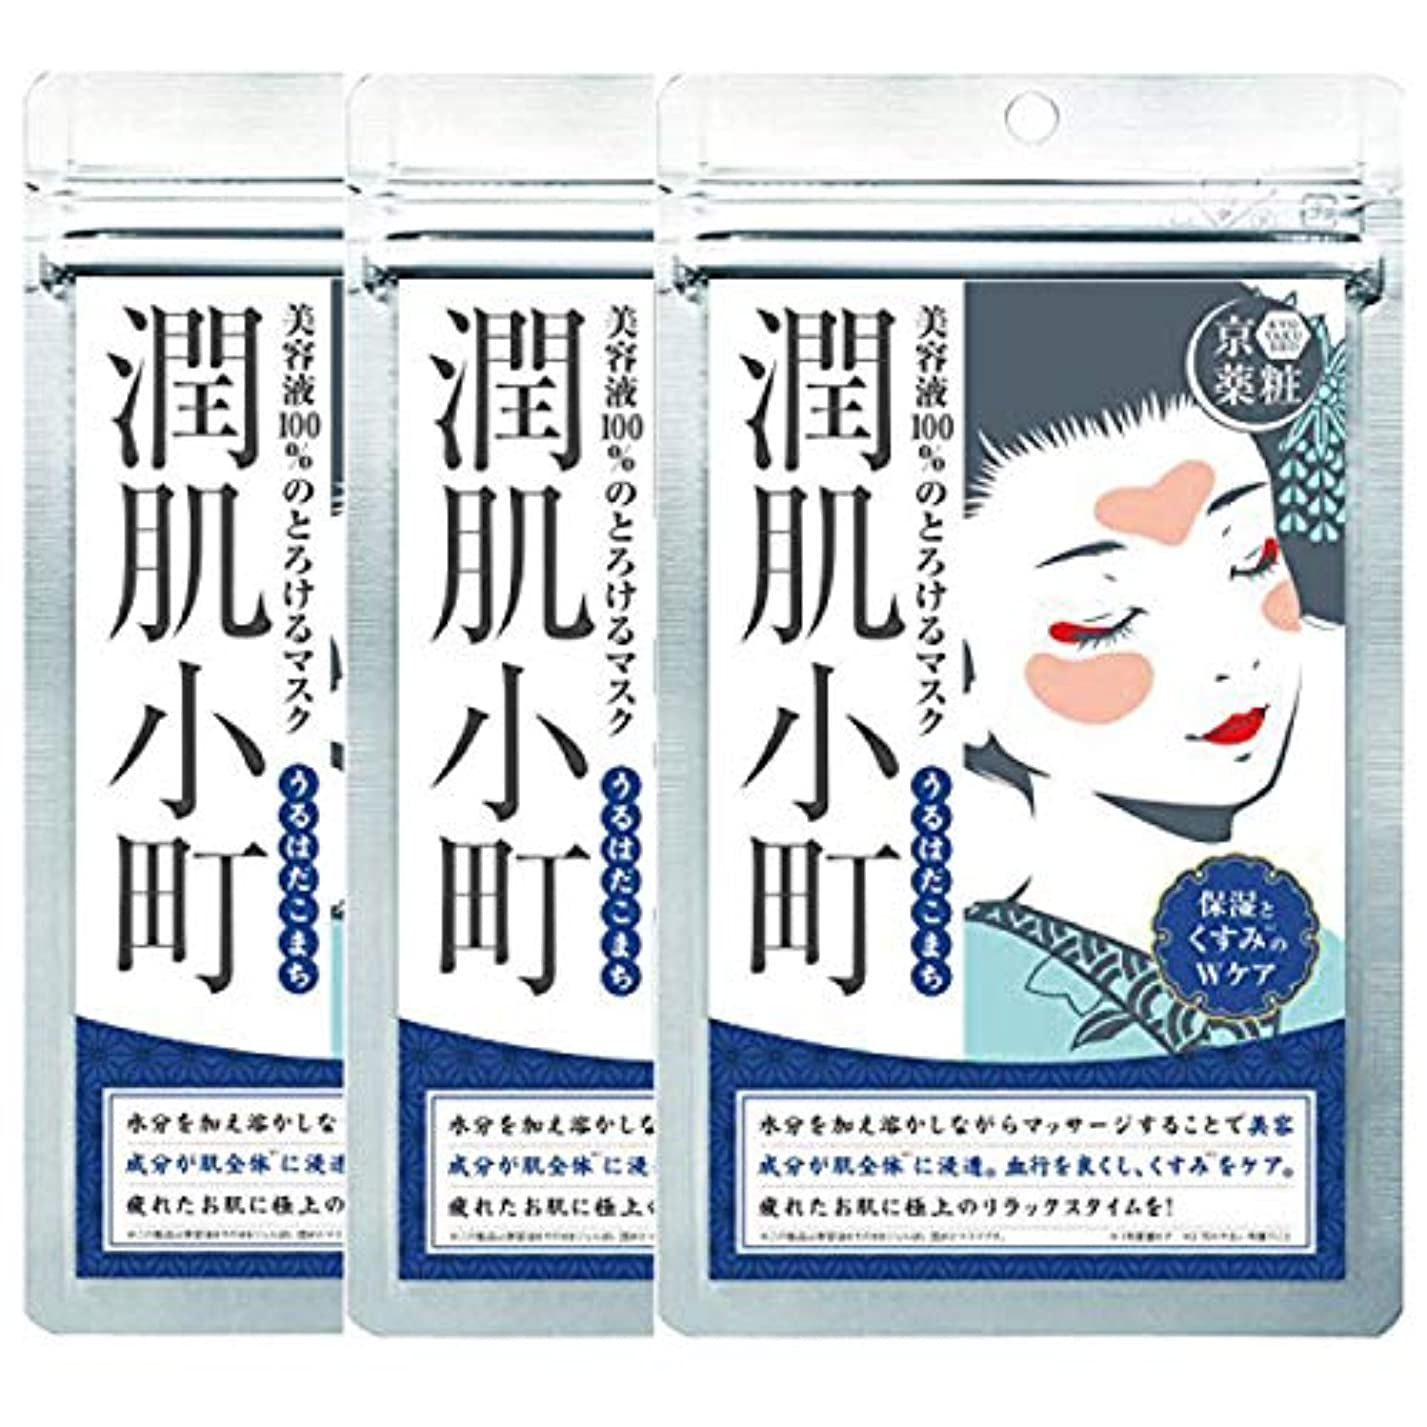 信頼性保有者コメント京薬粧 潤肌小町 潤いマスク ×3セット